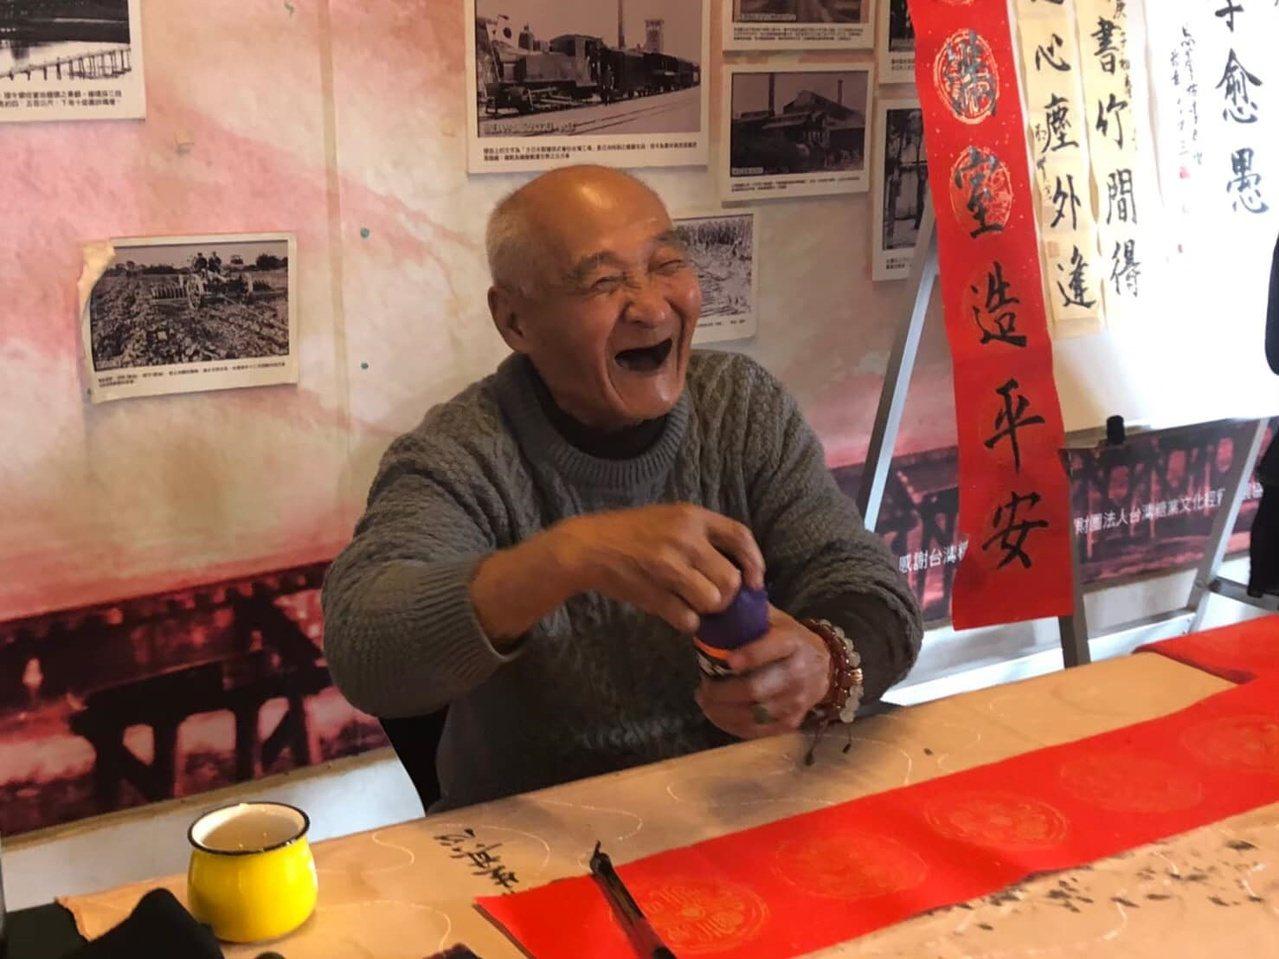 一生樂觀的李明賢原在廟口賣炸粿,無師自通寫得一手好字,遠近成名,他不惜傳藝,生活...